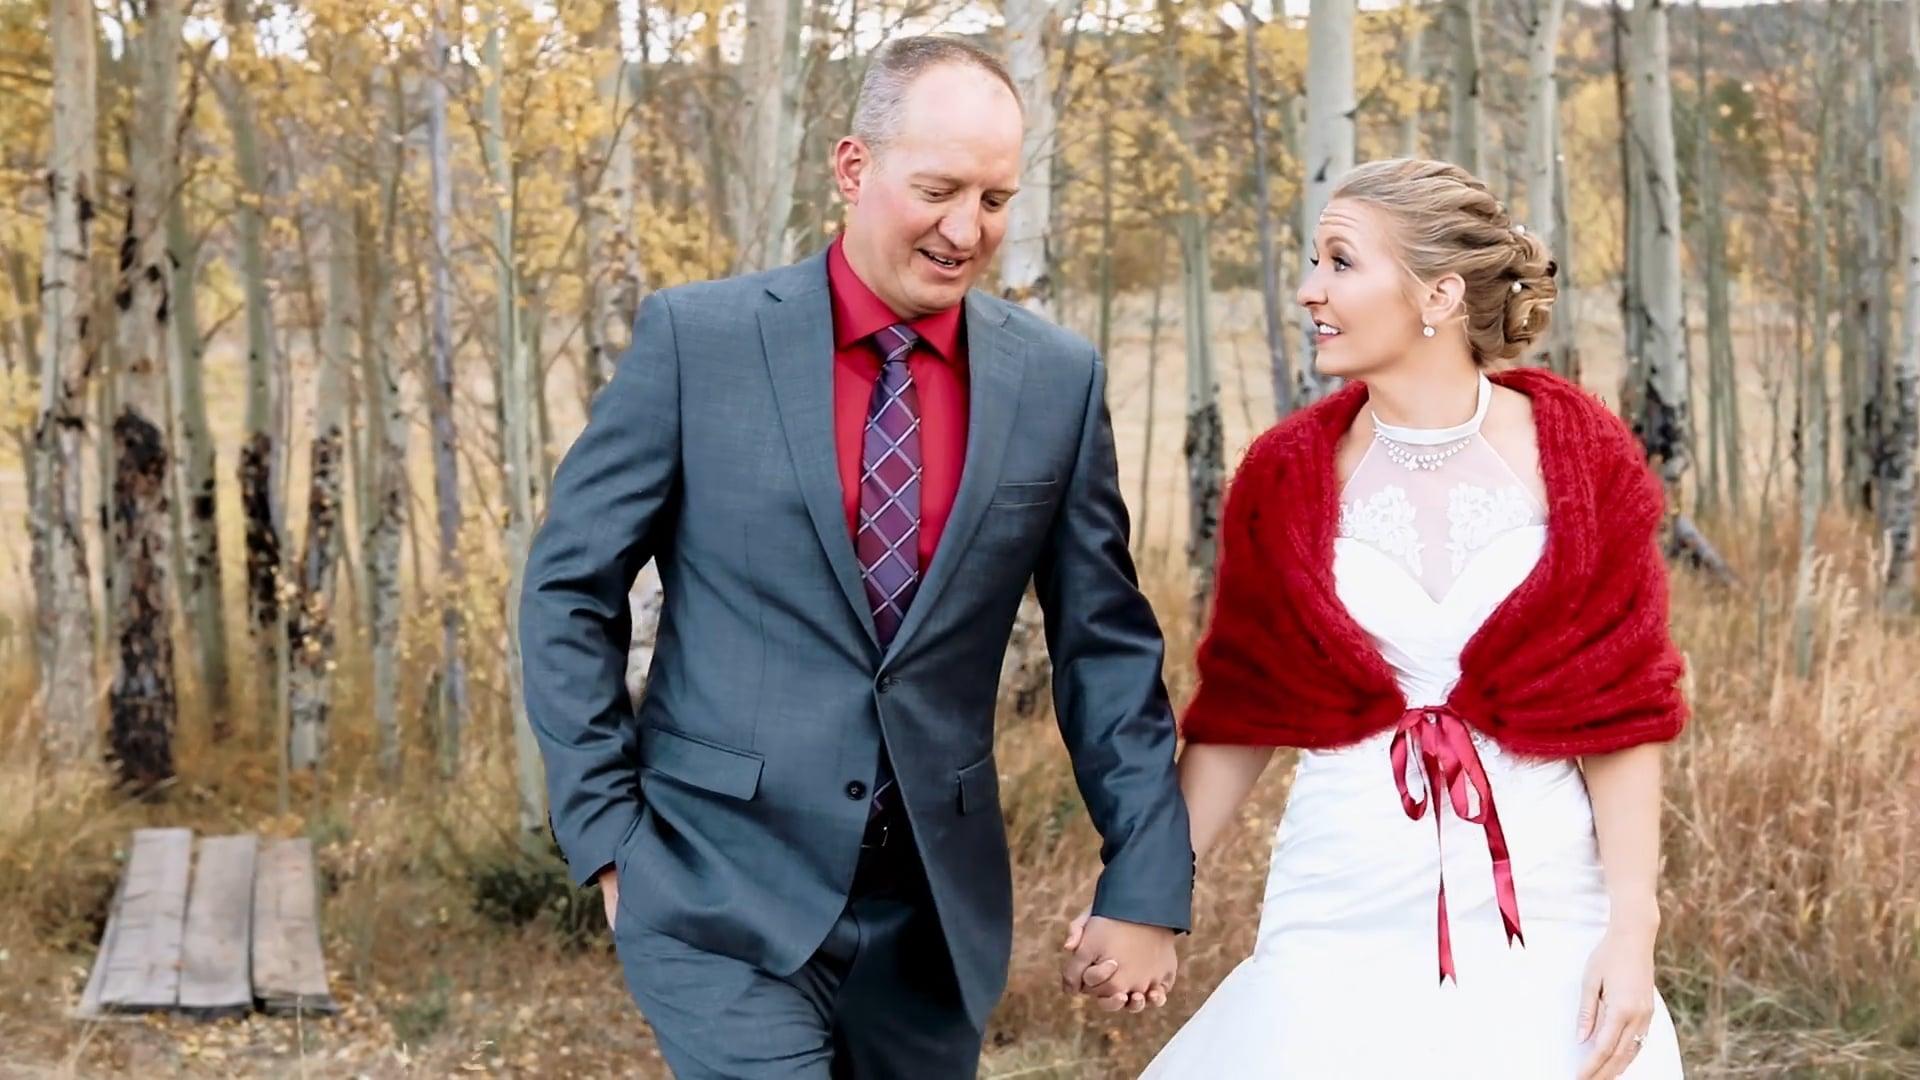 Tiffany & Josh wedding video 92720